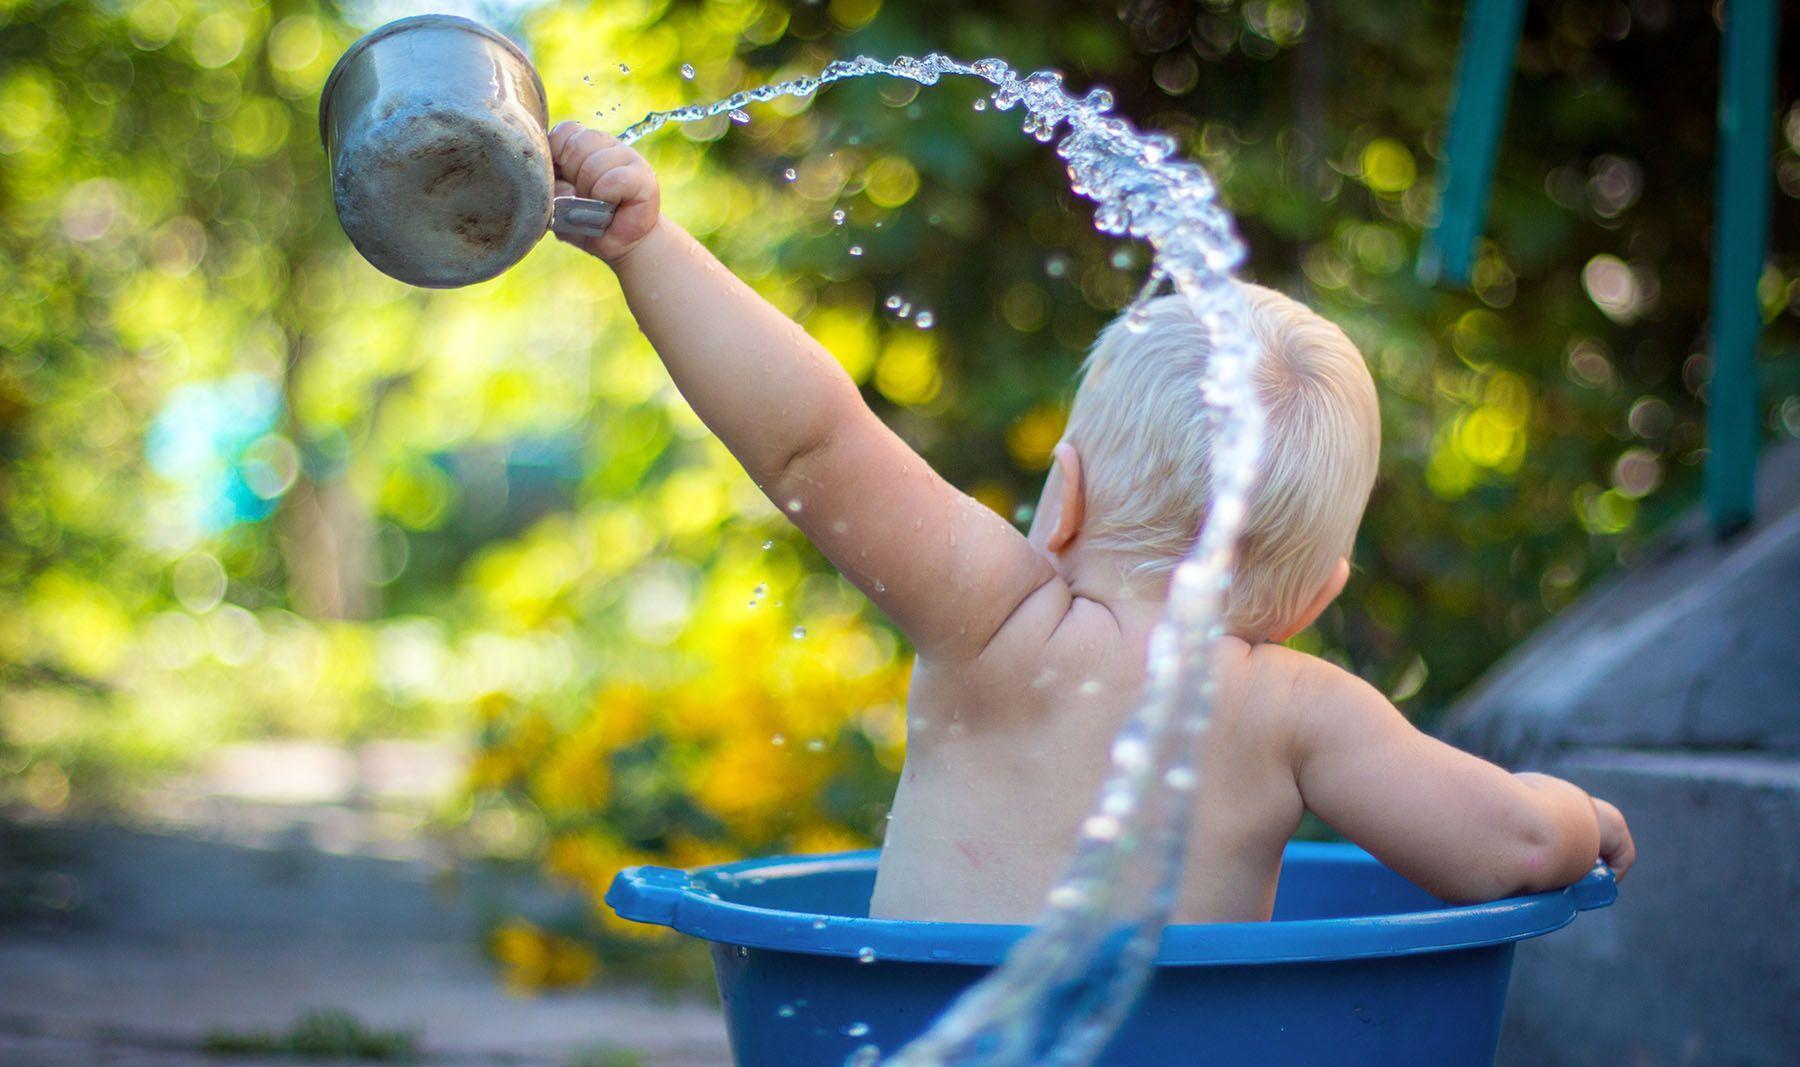 Bebé bañándose en palangana